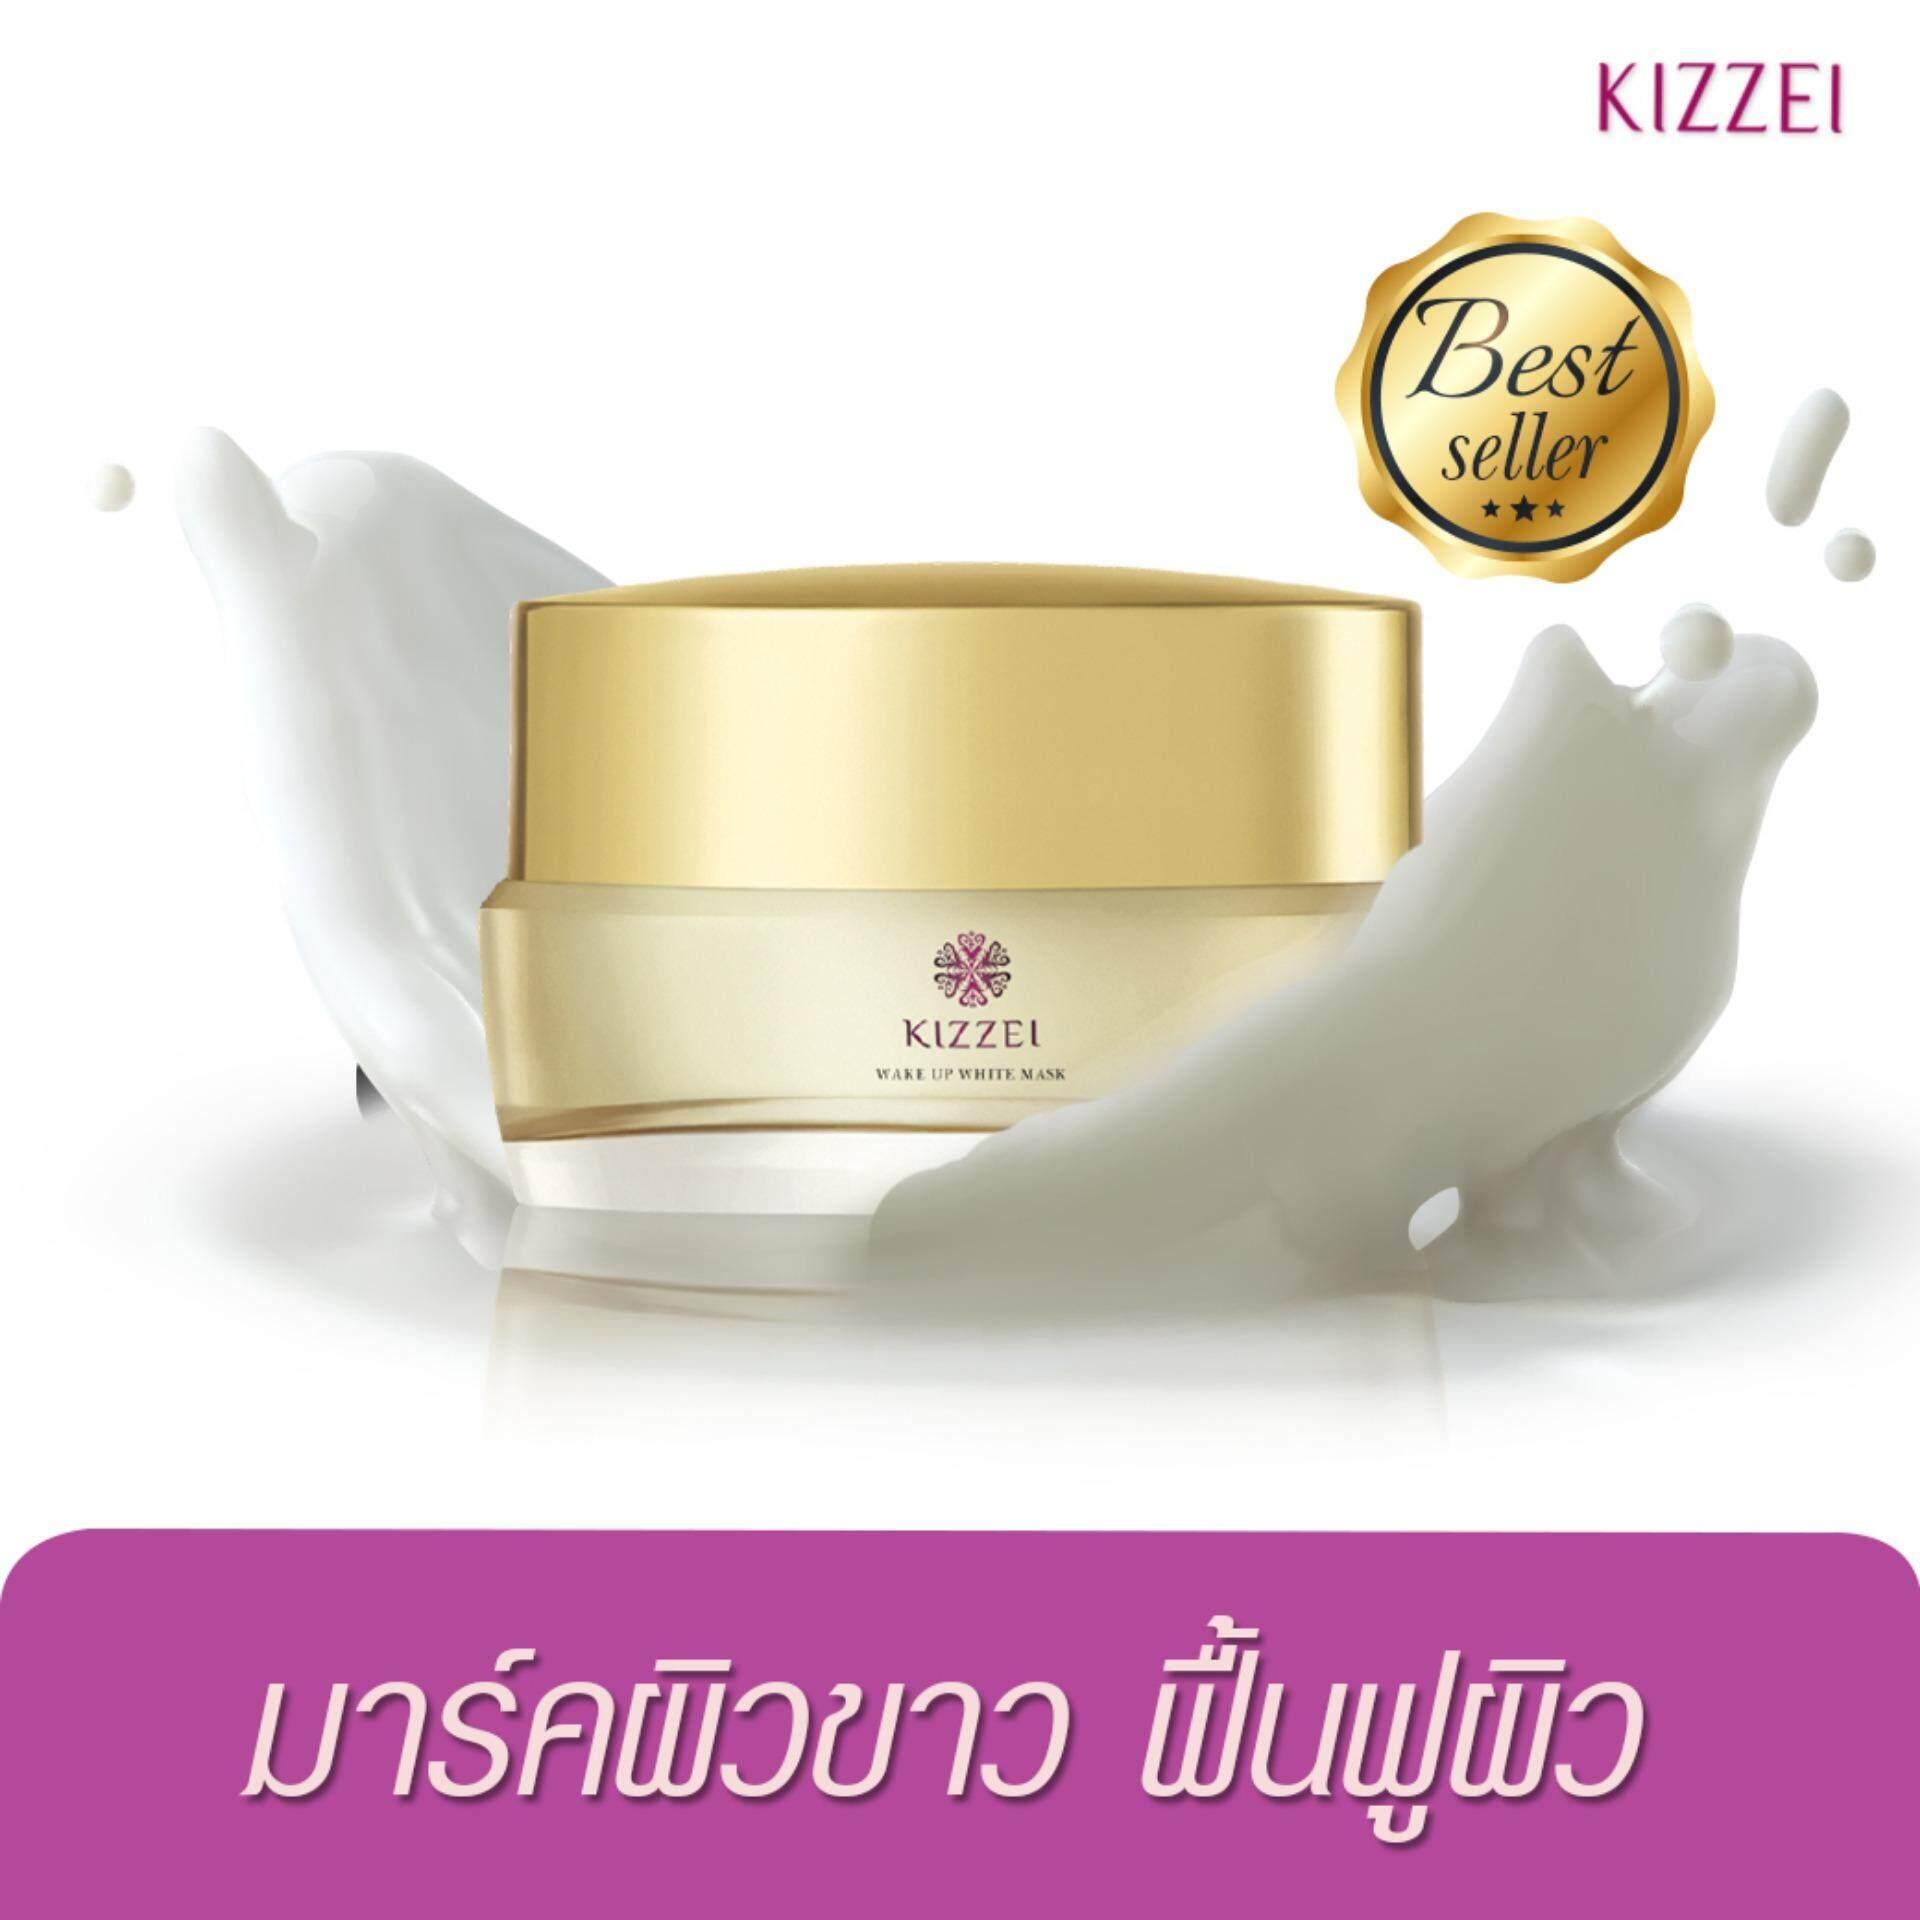 ซื้อ Kizzei มาร์คผิวขาว ฟื้นฟูผิวพัง 5G มาร์กหน้าเด้ง แค่คืนแรกเห็นถึงความเปลี่ยนแปลง ของแท้ 100 Kizzei ออนไลน์